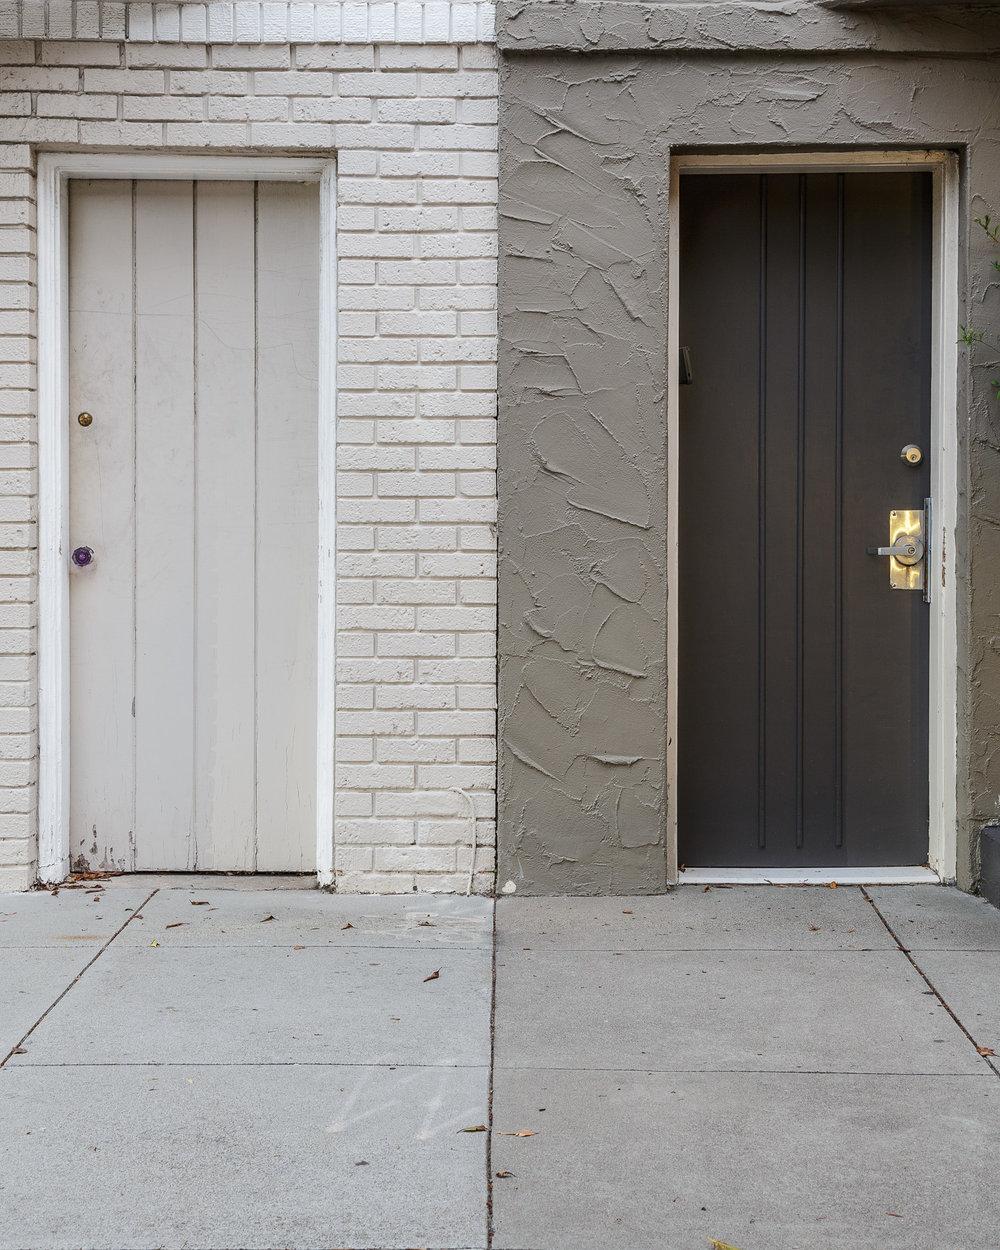 Doors__2018_10_17_180.jpg